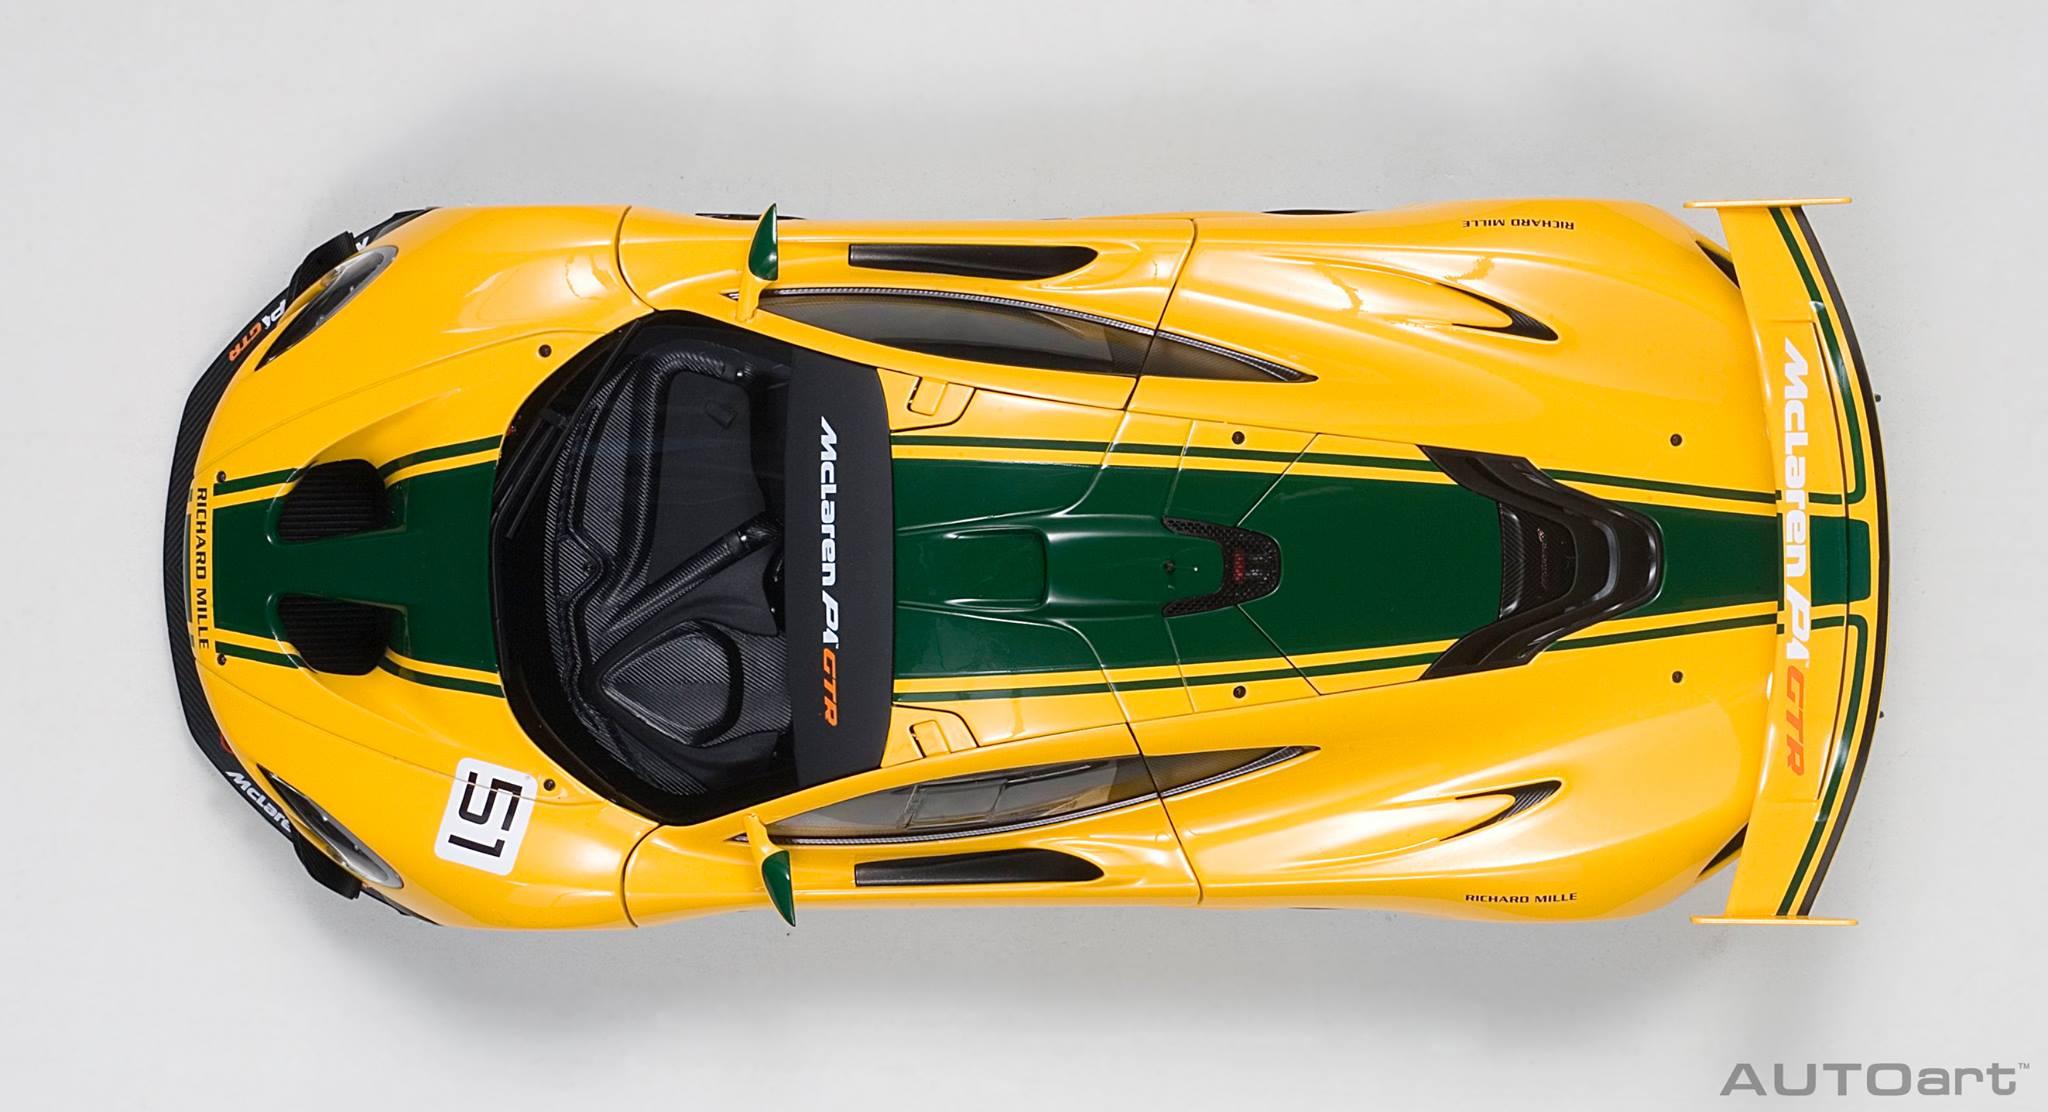 Cool Cars Mclaren >> AUTOart's 1:18 McLaren P1 GTR Coming Soon – xDiecast